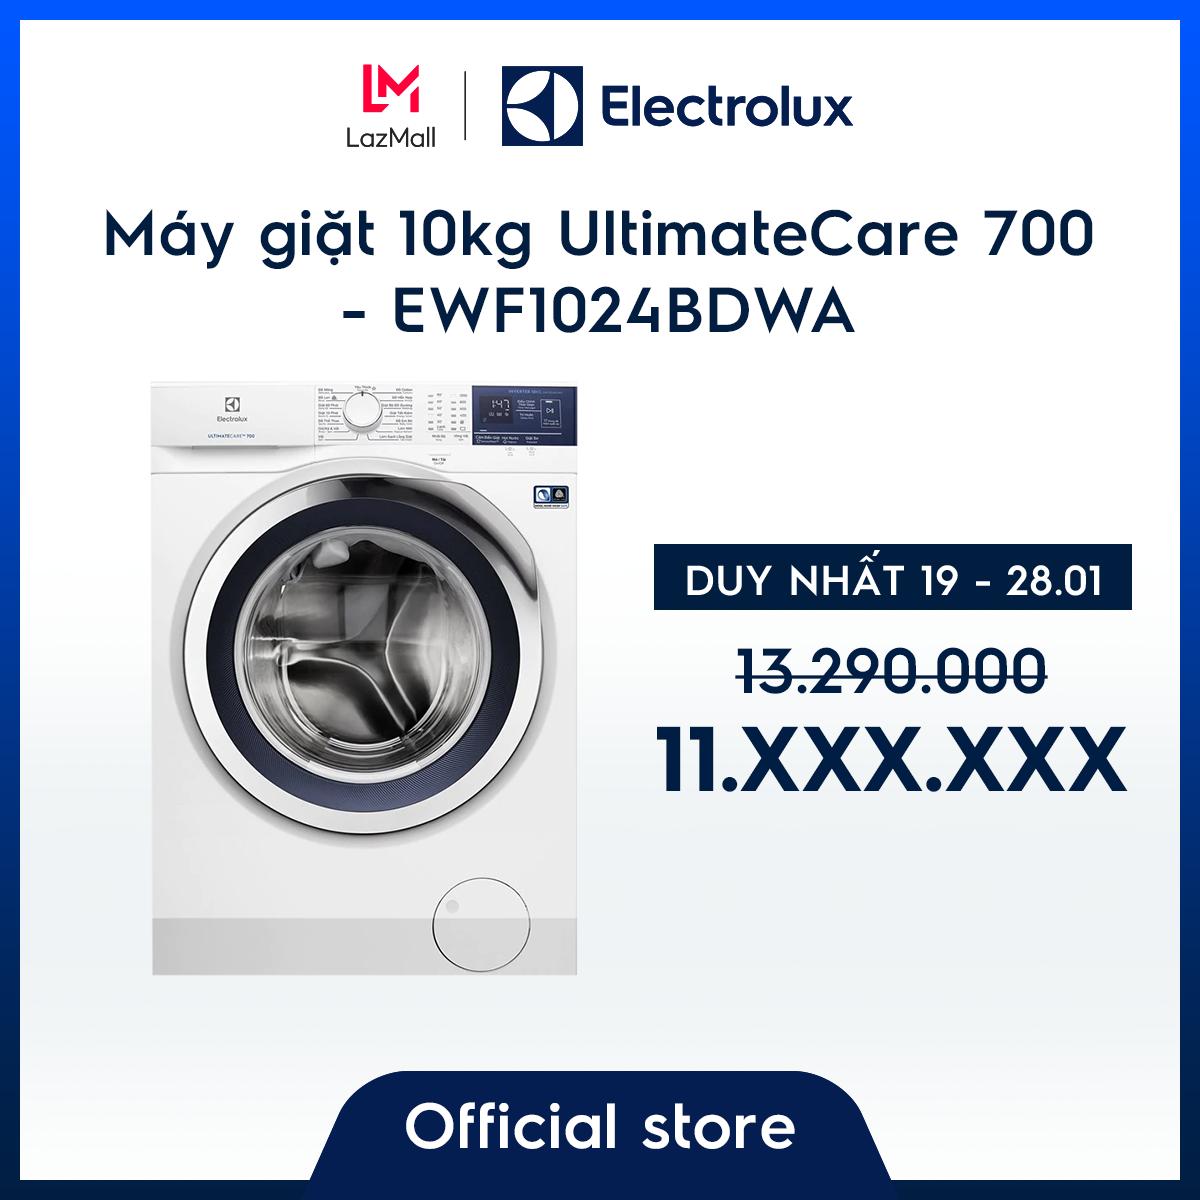 [Miễn phí Công Lắp đặt] Máy giặt 10kg EWF1024BDWA – Công nghệ Sensorwash- Tiết kiệm điện 50%-Thiết kế châu Âu- Hàng chính hãng